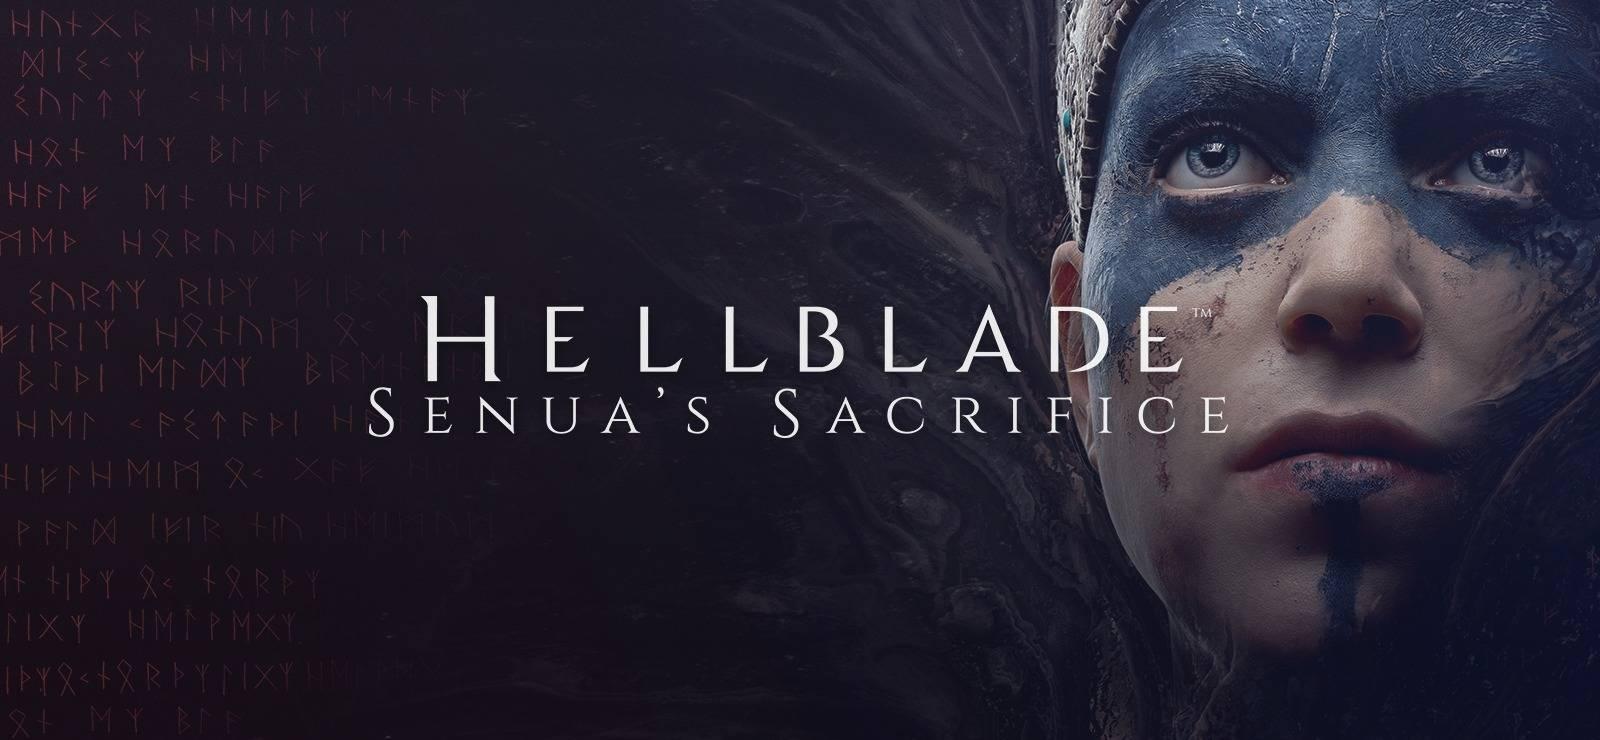 Hellblade: Senua's Sacrifice (2017) + VR